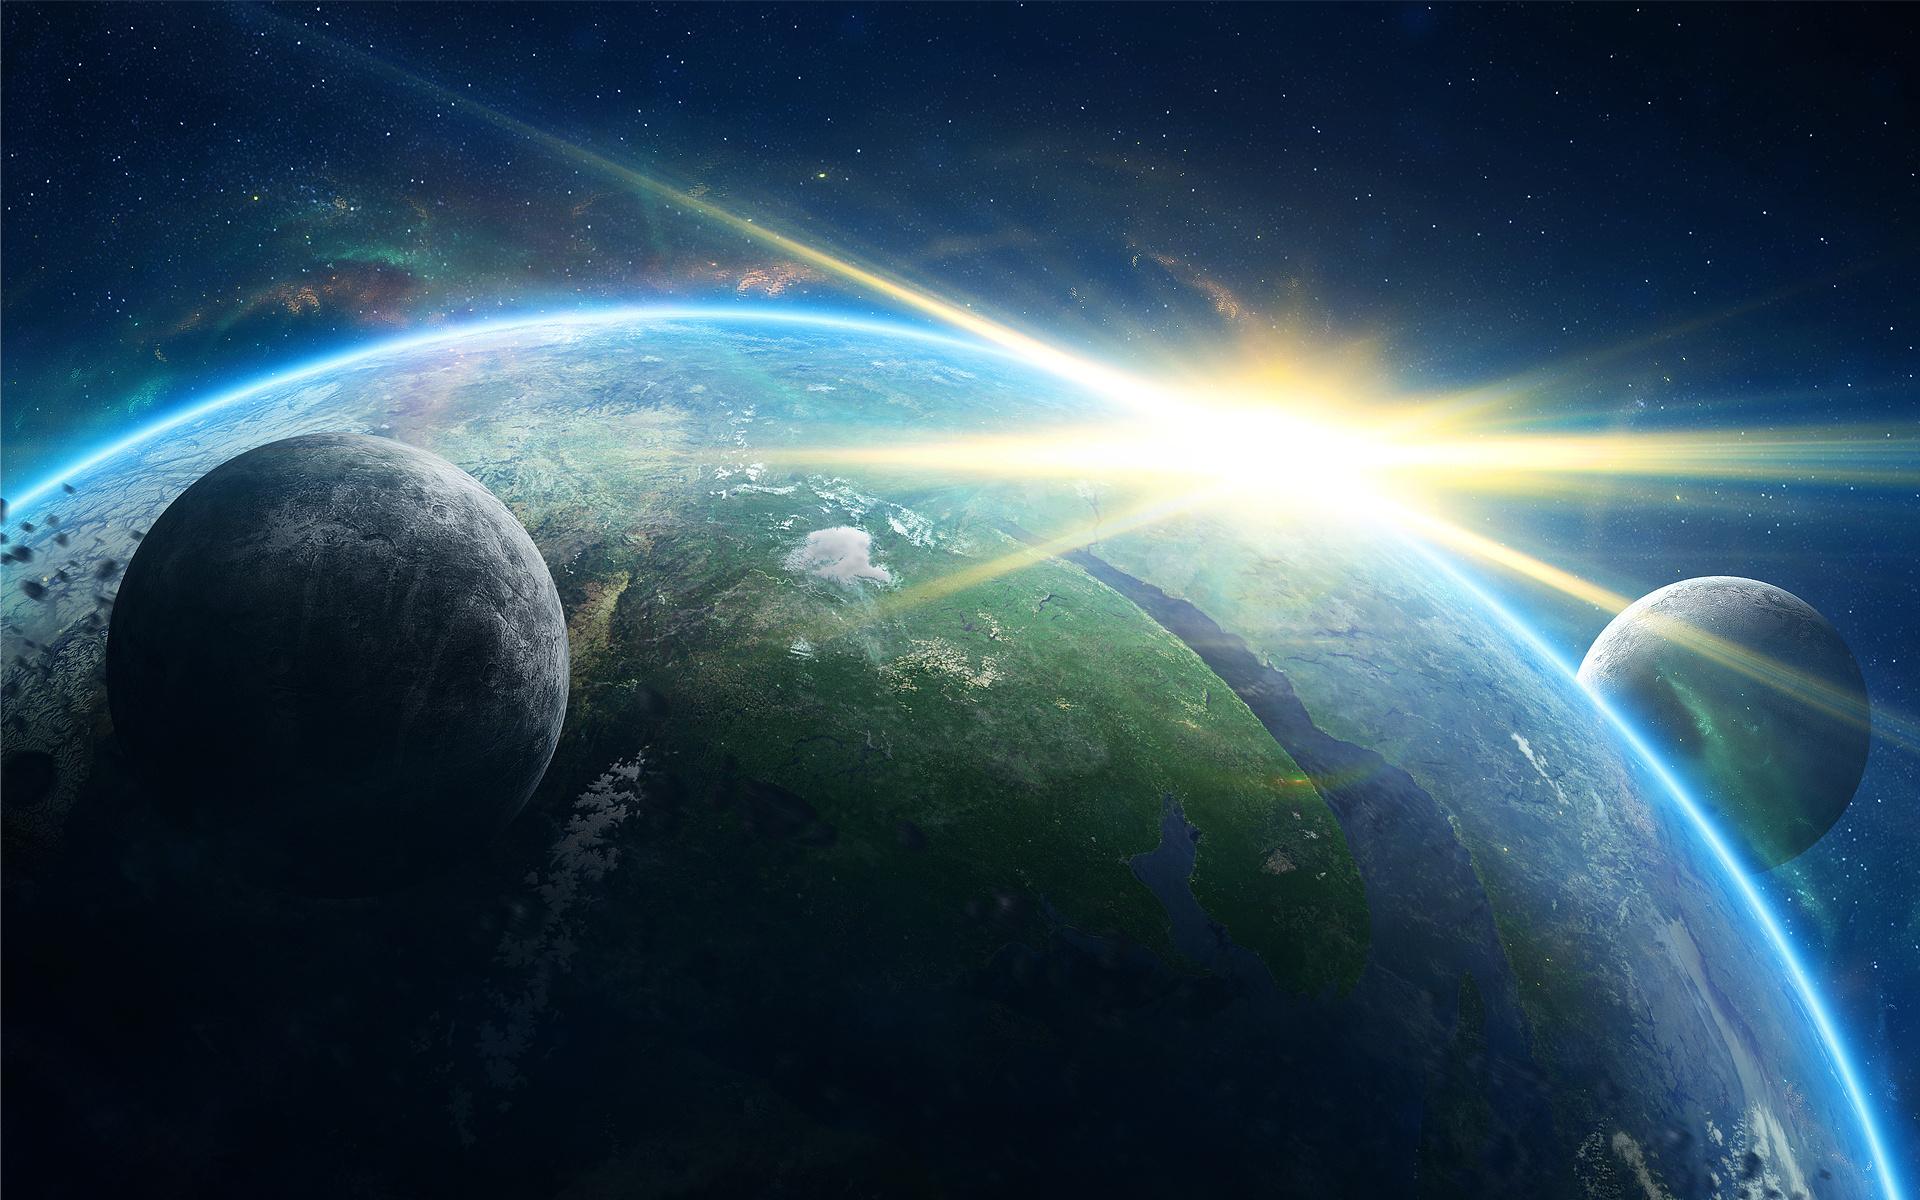 Обои планета спутник картинки на рабочий стол на тему Космос - скачать скачать